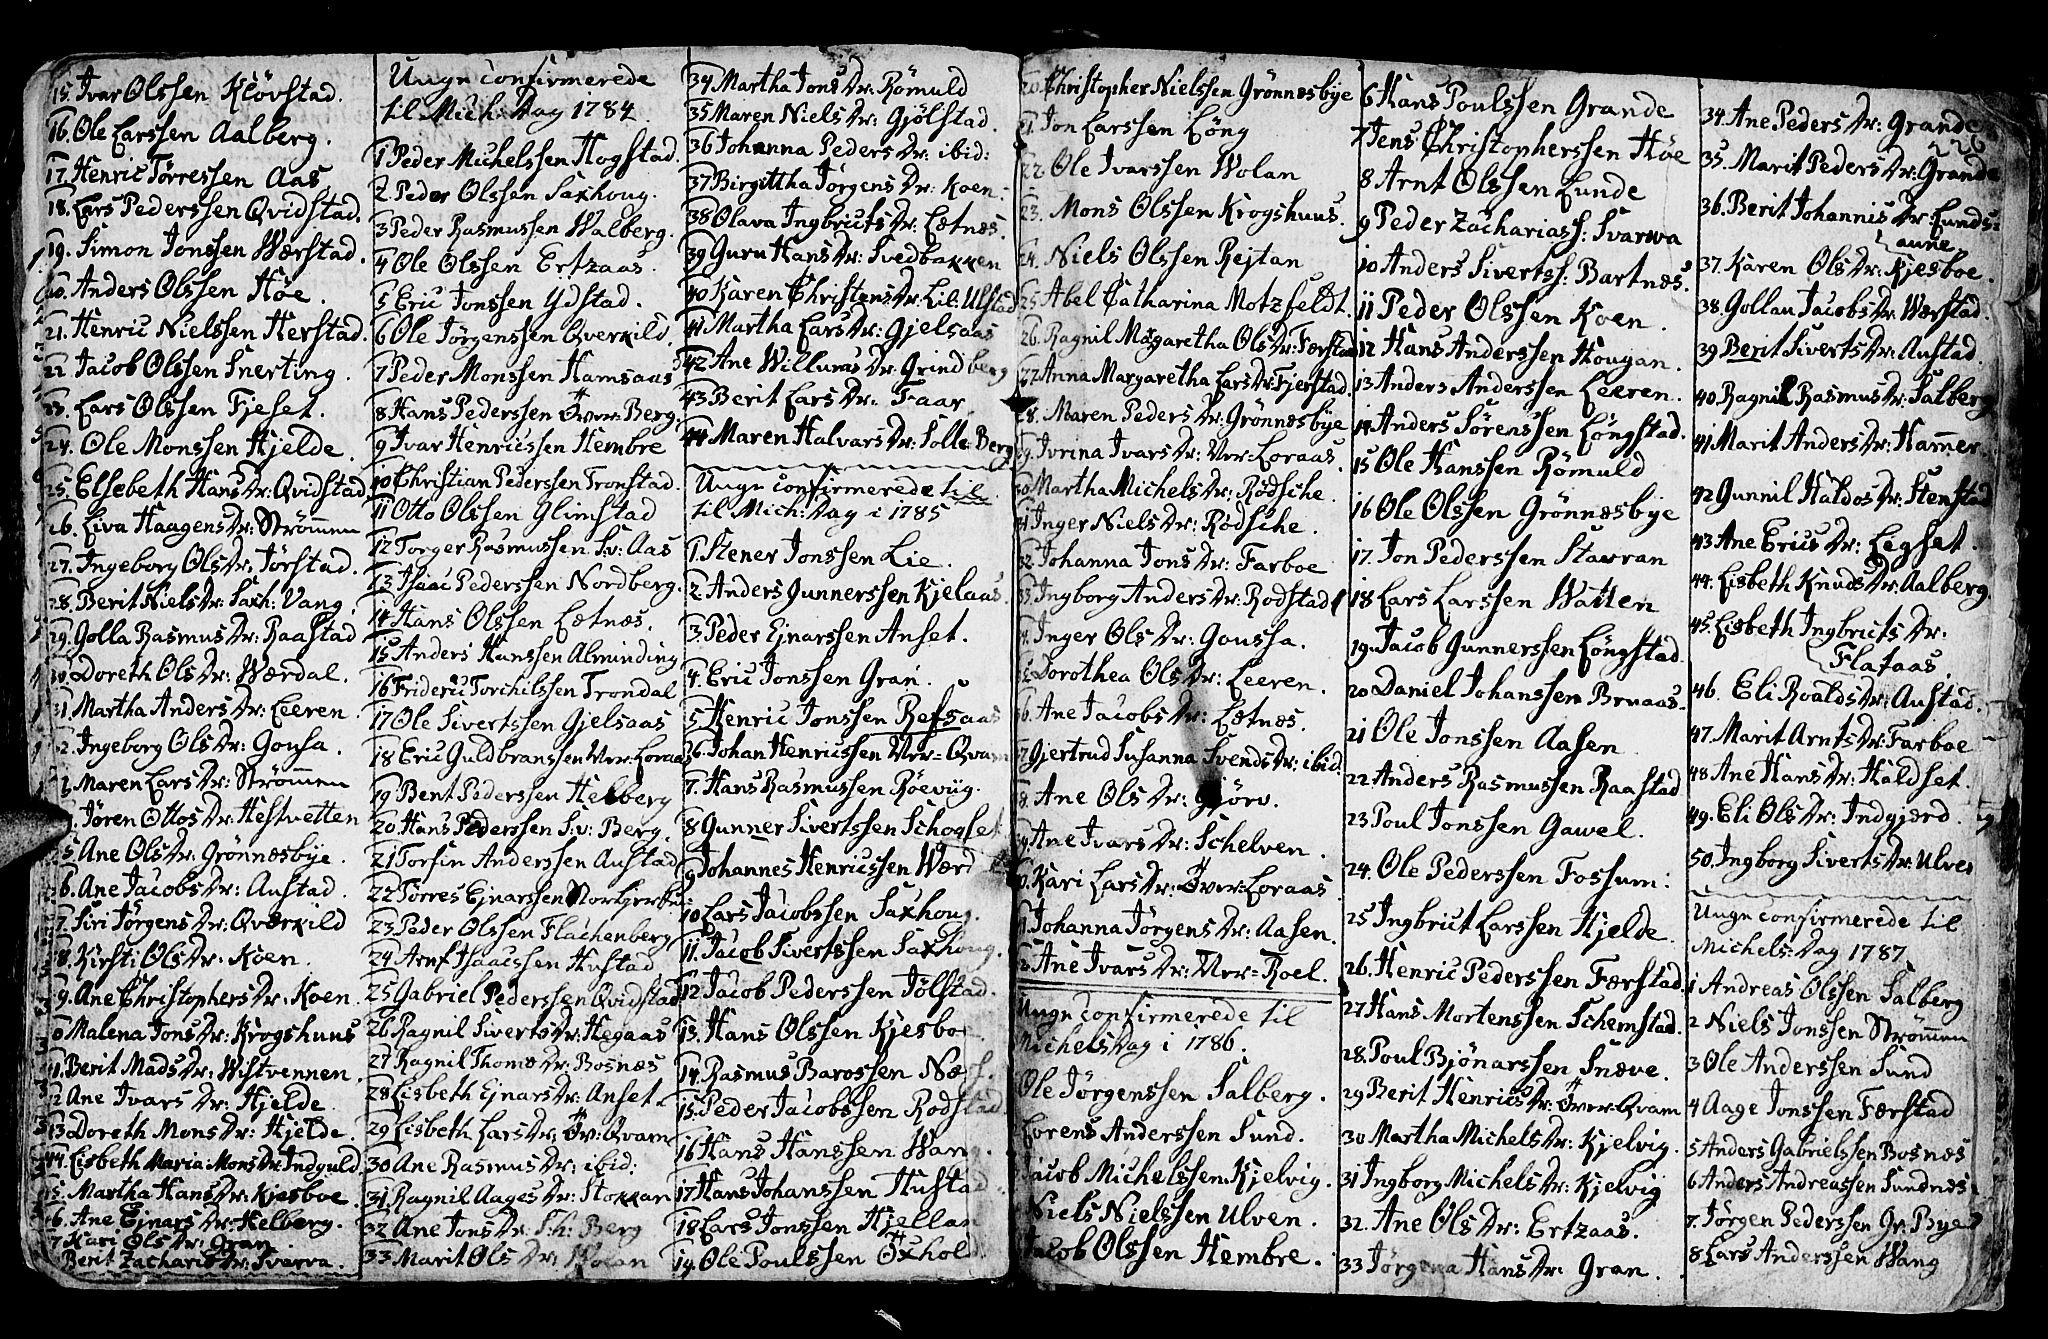 SAT, Ministerialprotokoller, klokkerbøker og fødselsregistre - Nord-Trøndelag, 730/L0273: Ministerialbok nr. 730A02, 1762-1802, s. 226